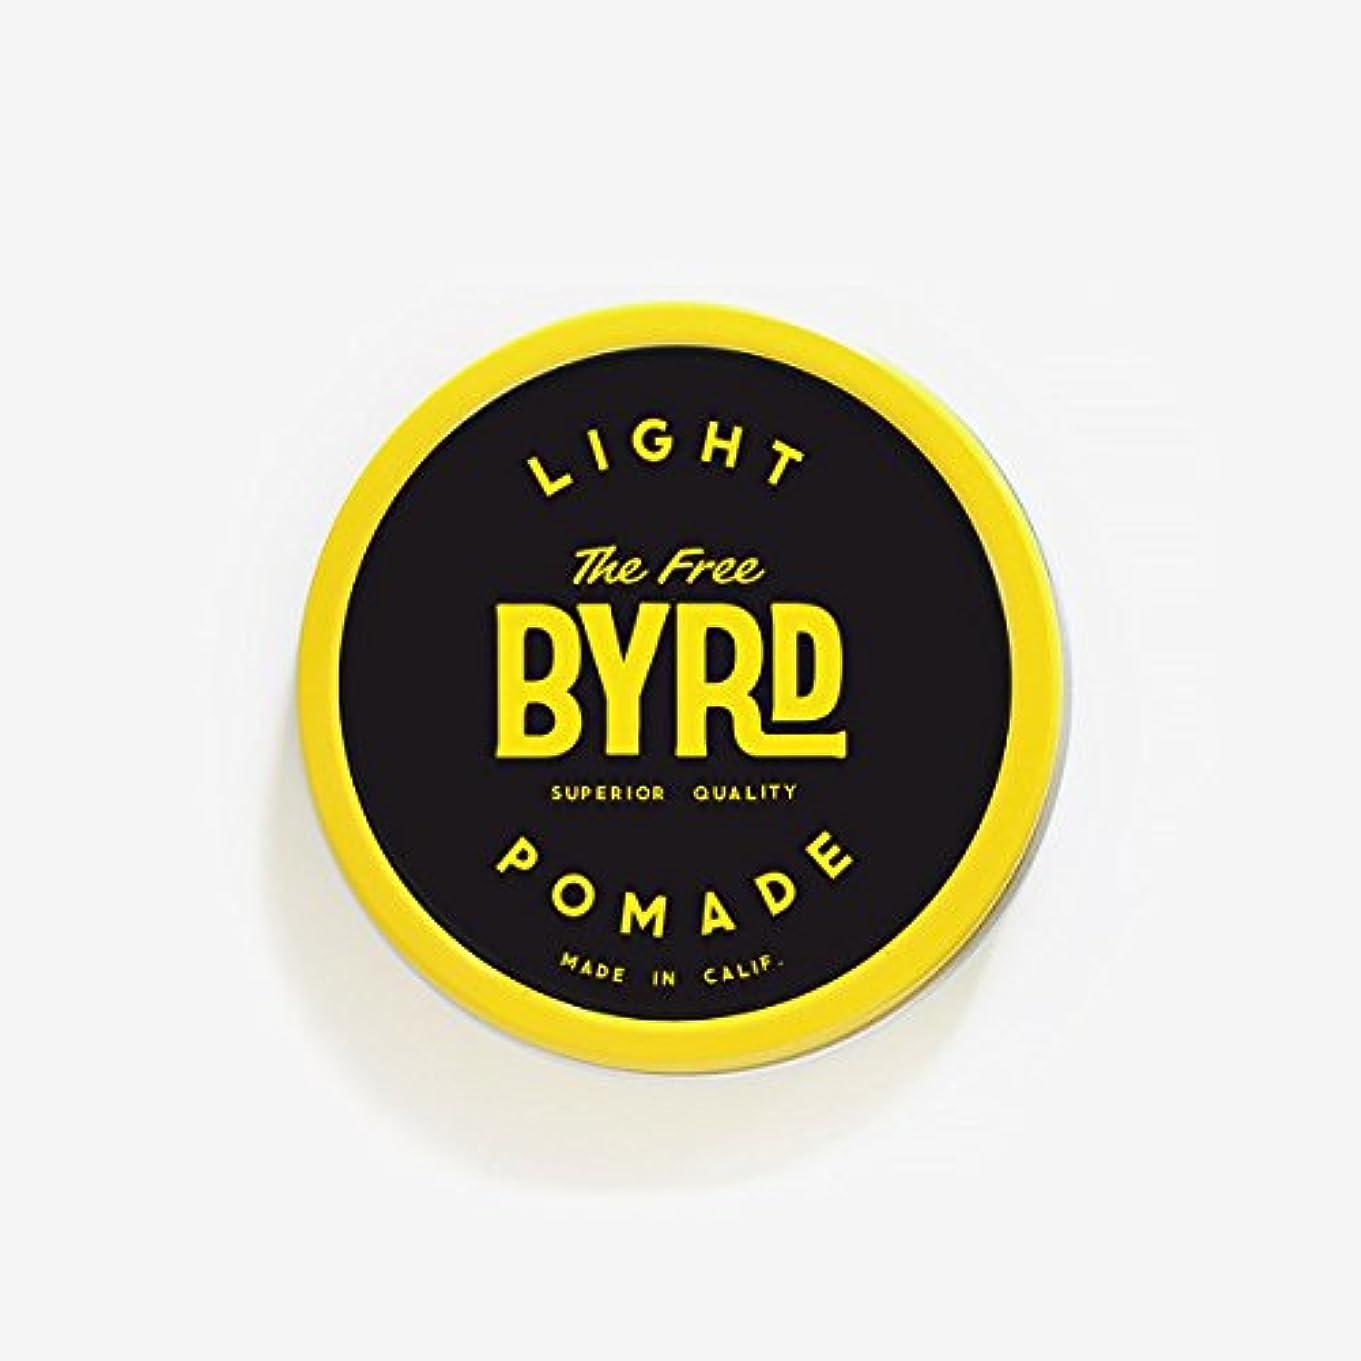 追い出すジュニアメタリックバード(BYRD) カリフォルニア発ポマード288 LIGHT POMADE SMALL(スモールサイズ)ライトスタイルヘアワックスヘアスタイリング剤耐水性香料メンズ/レディース 【LIGHT】SMALL